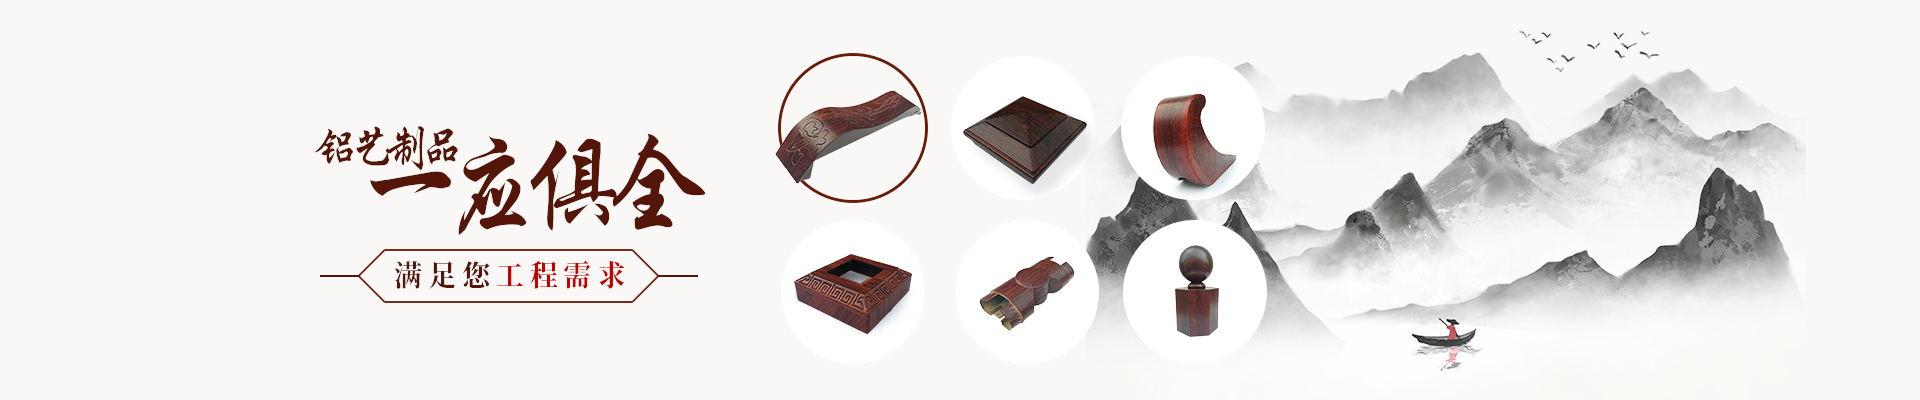 鑫泰阳-铝艺制品 一应俱全 满足您工程需求